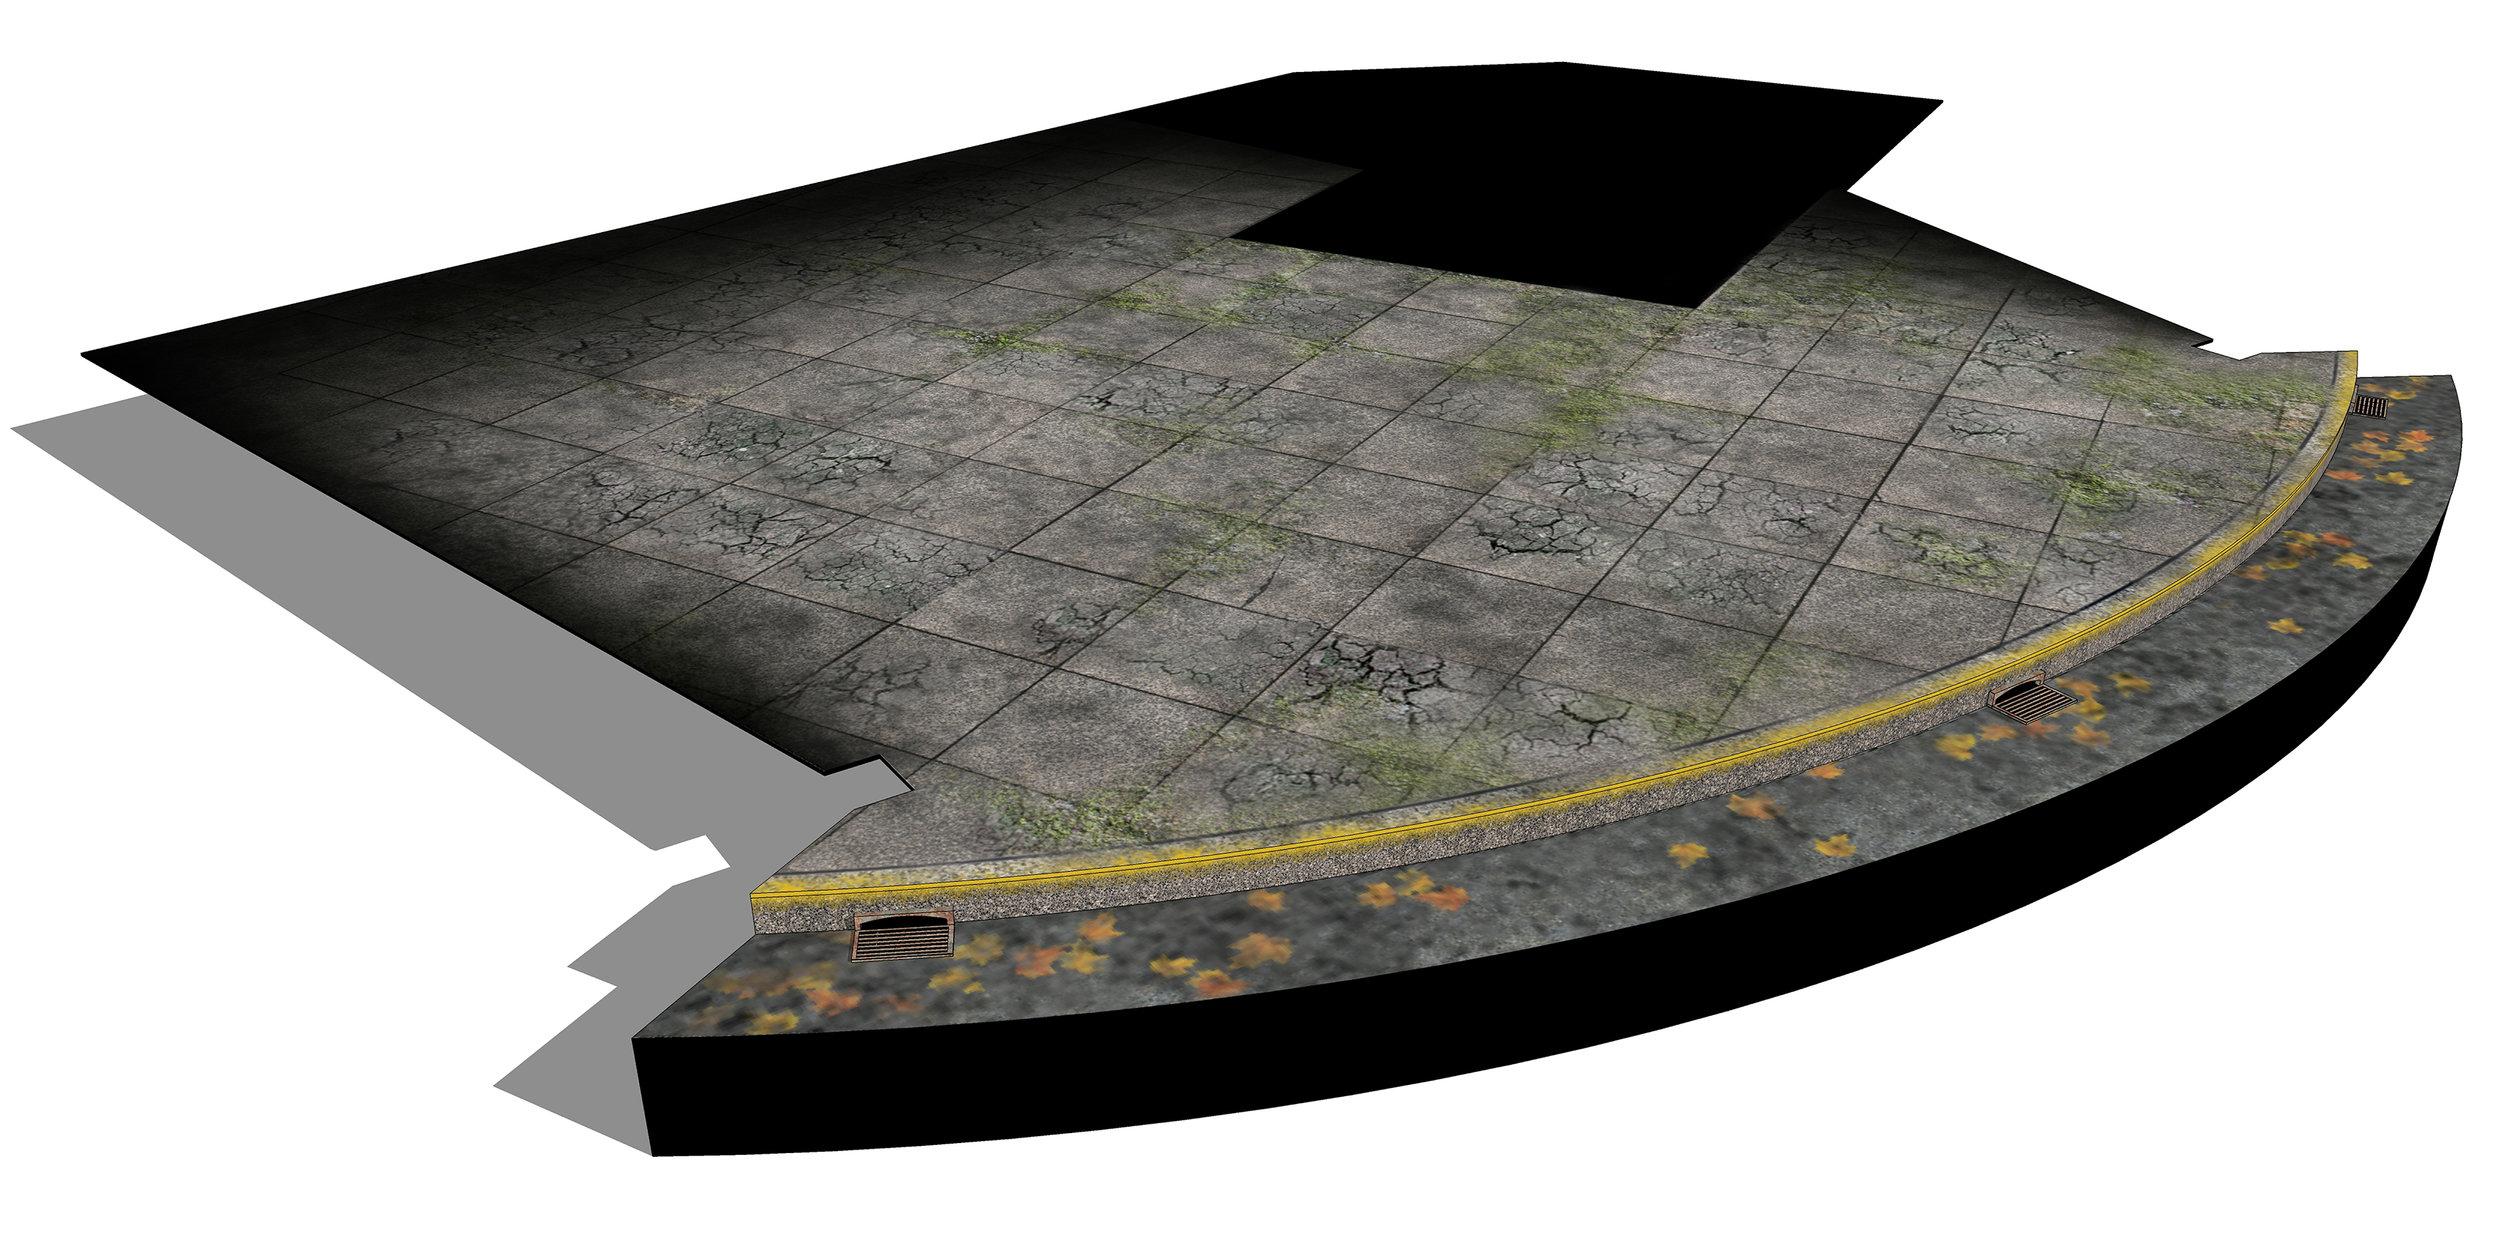 LSOH Floor DesignSMALLER.jpg